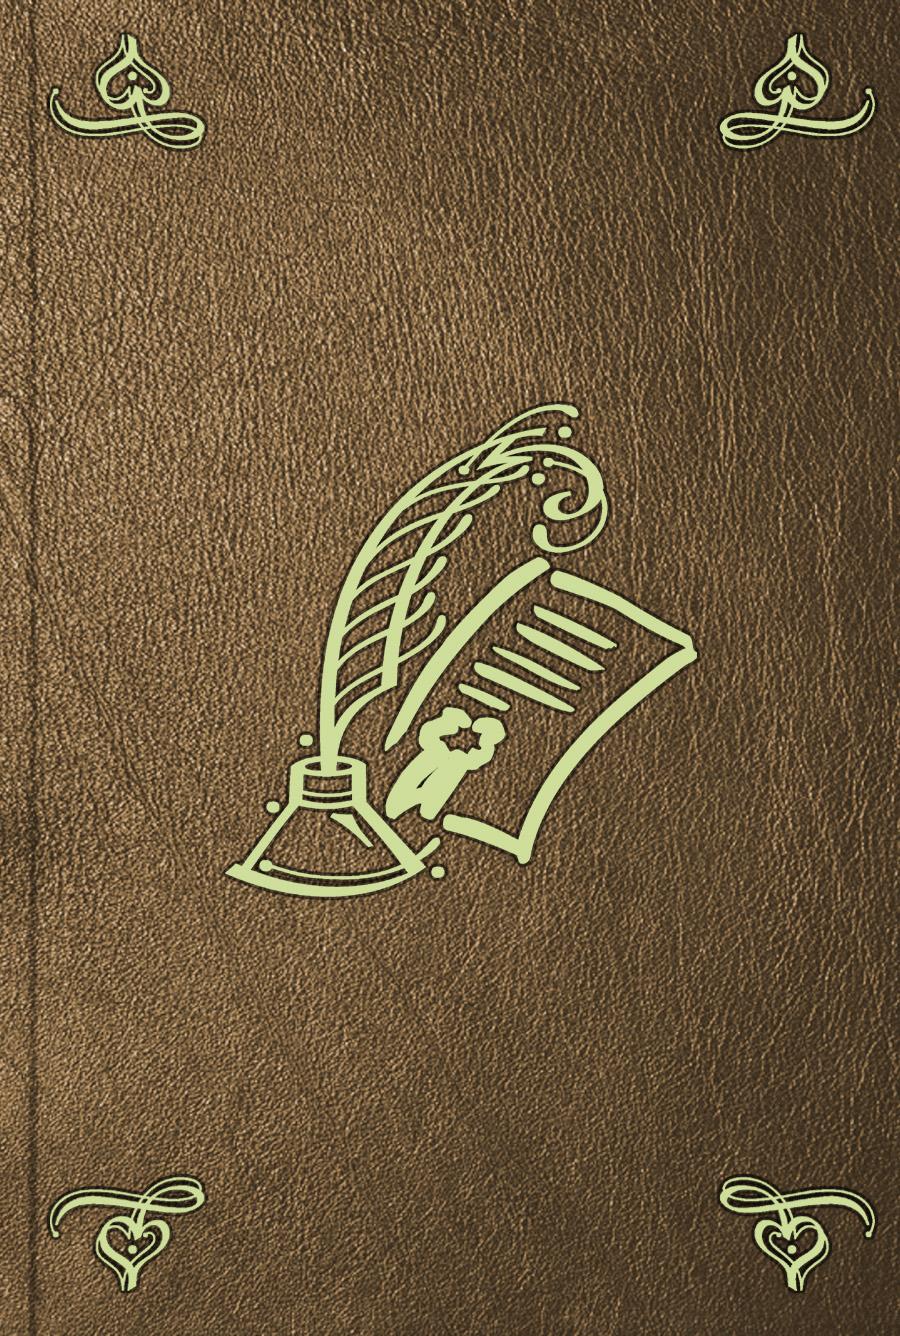 Отсутствует Трактат вечный между Всероссийскою империею и Речью Посполитою Польскою бахтияр хамидуллаевич курикбаев трактат по обществоведению